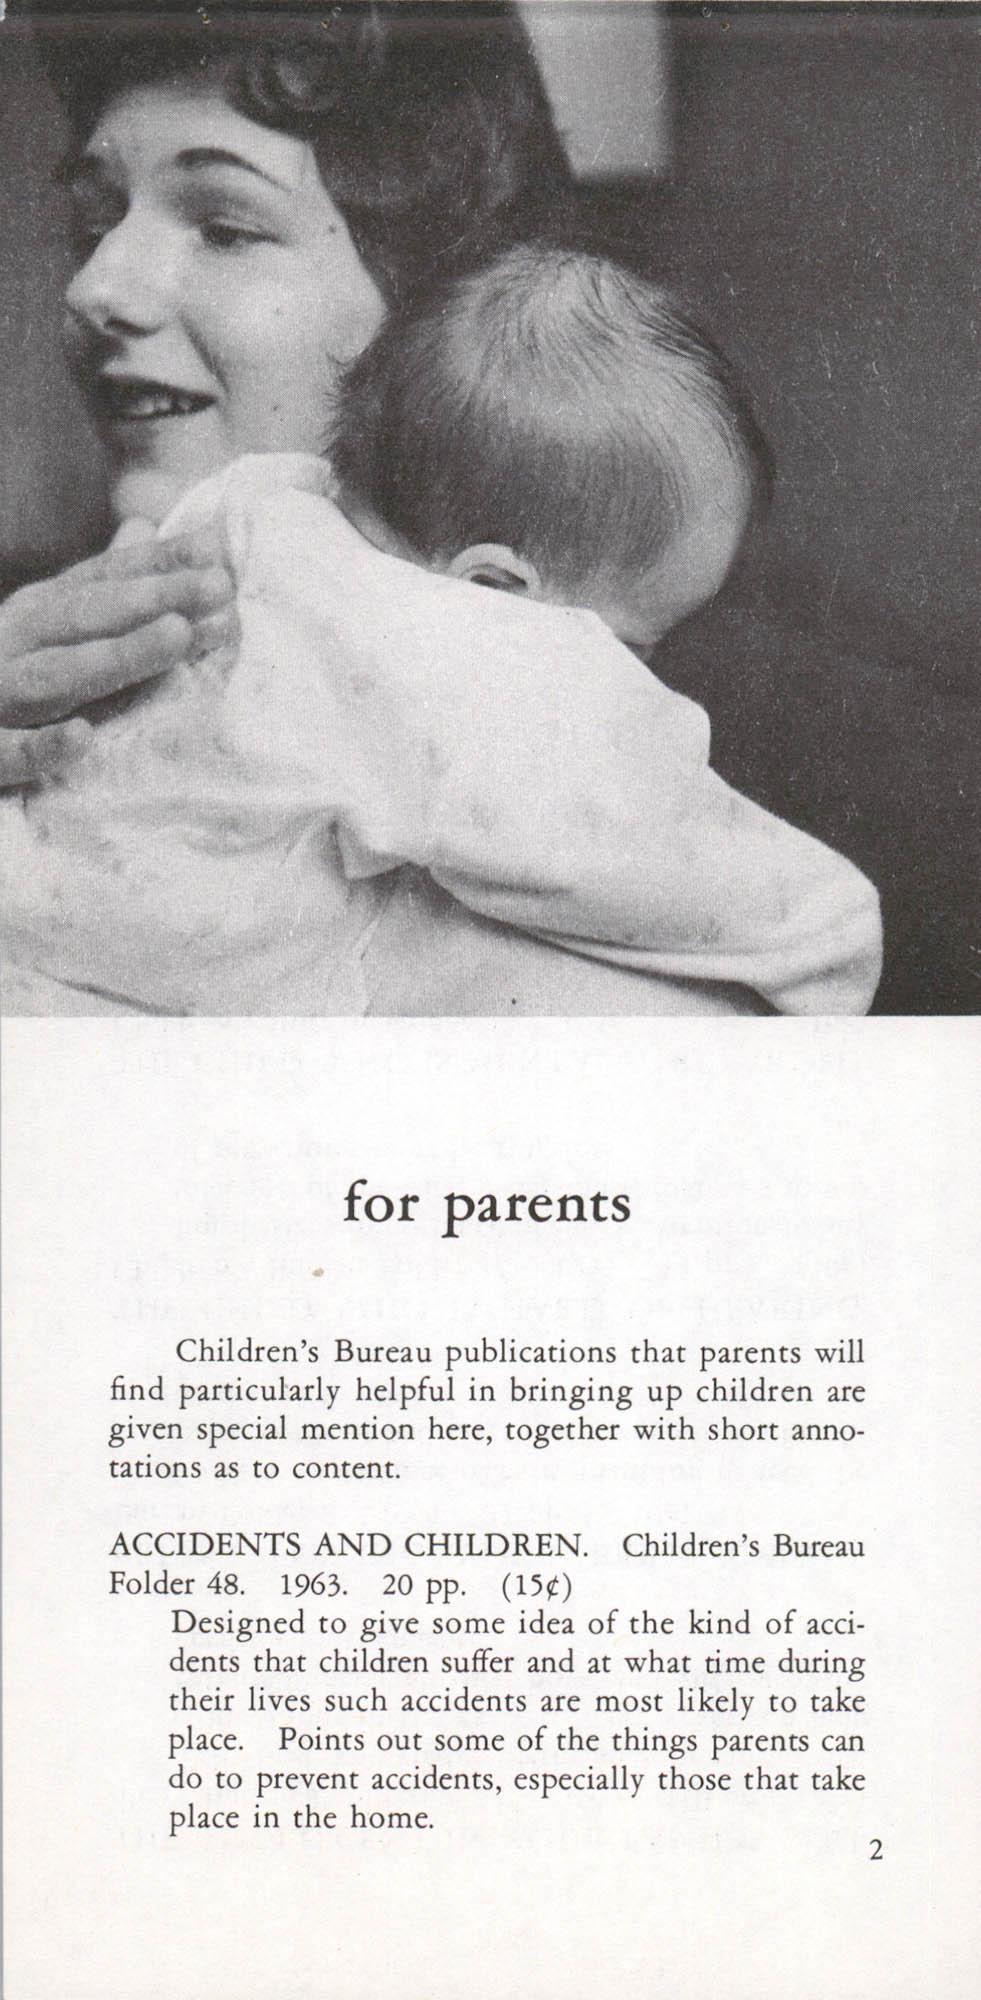 Publications of the Children's Bureau, Page 2